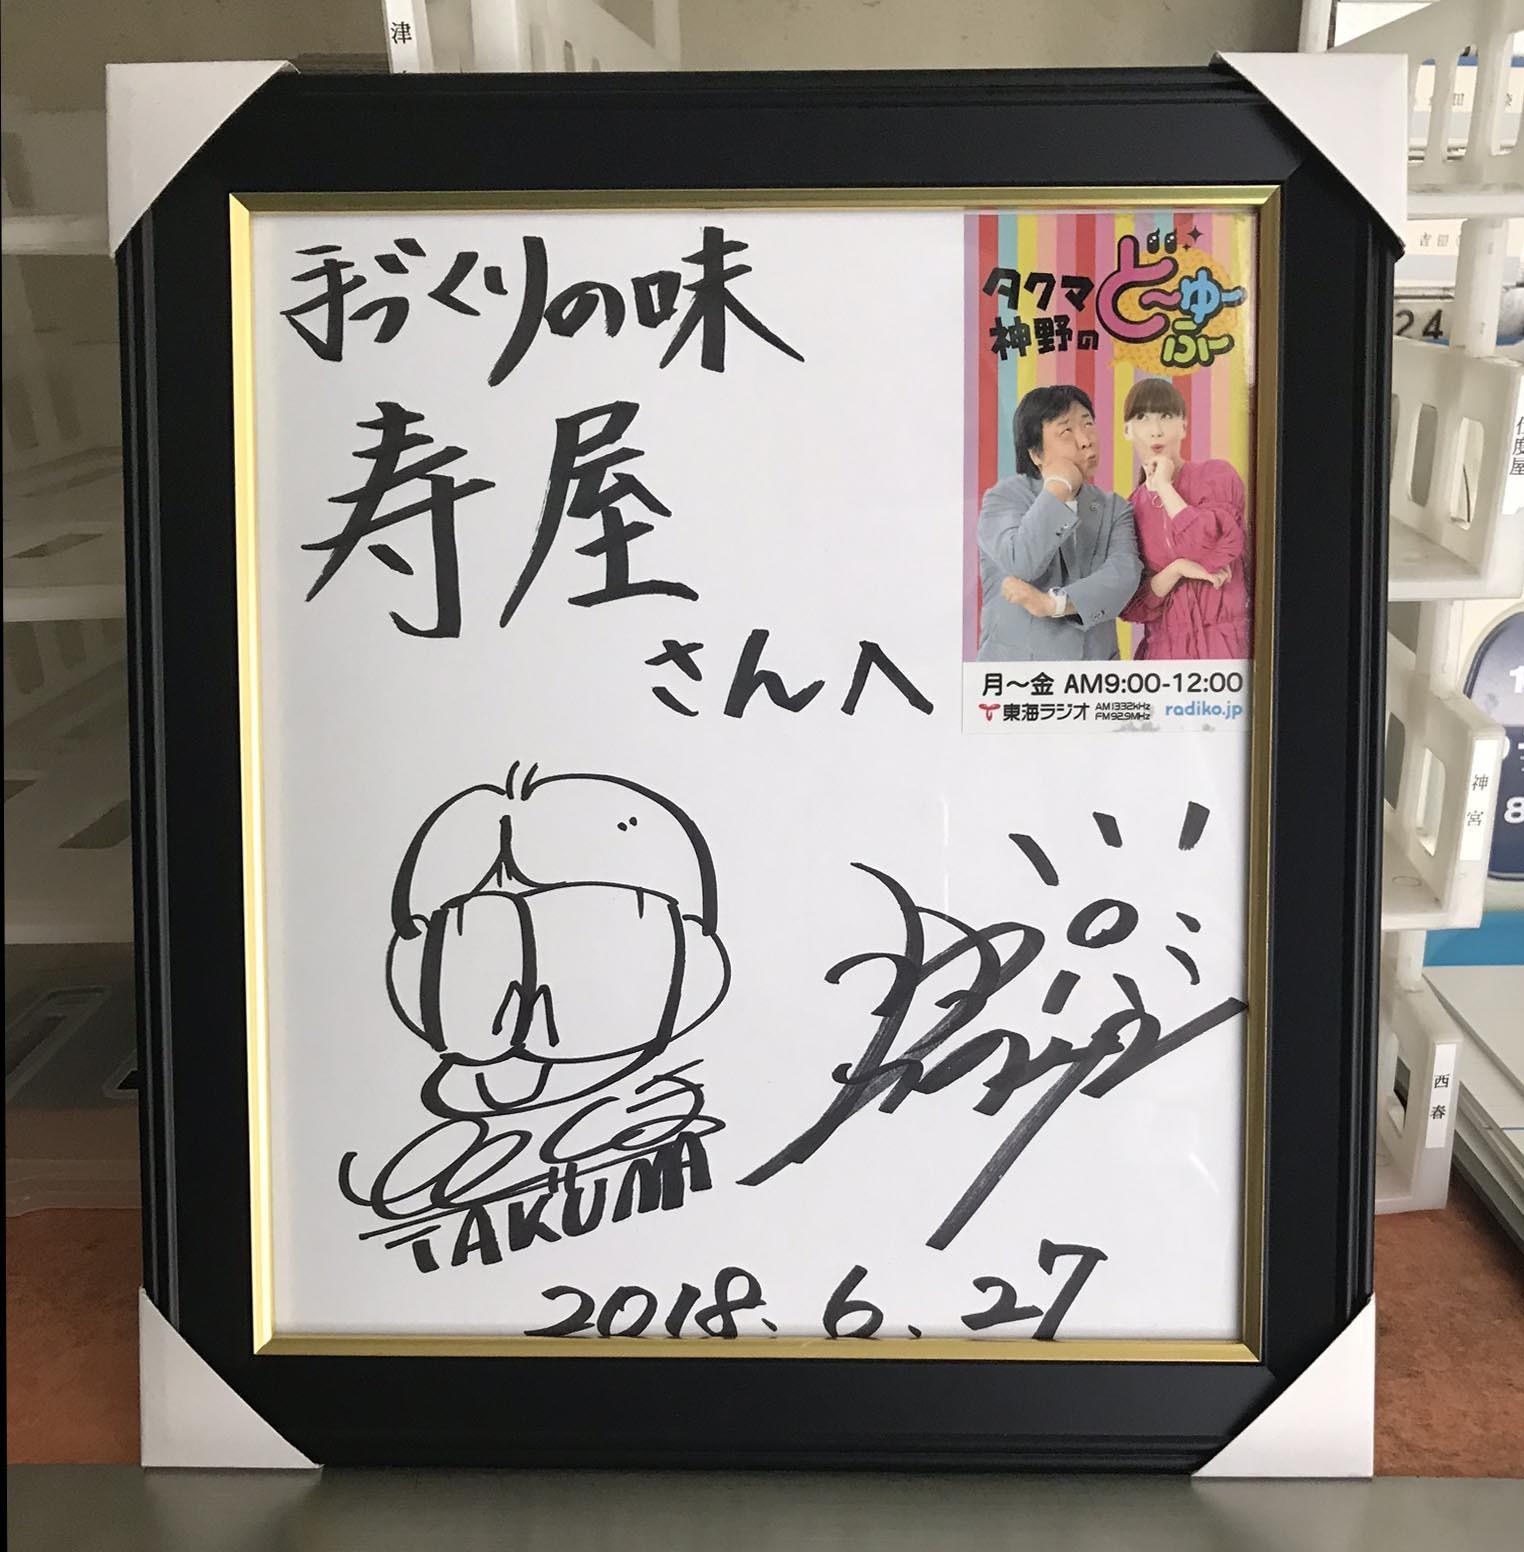 宝物!(東海ラジオさんありがとう!)_d0157223_10151546.jpeg